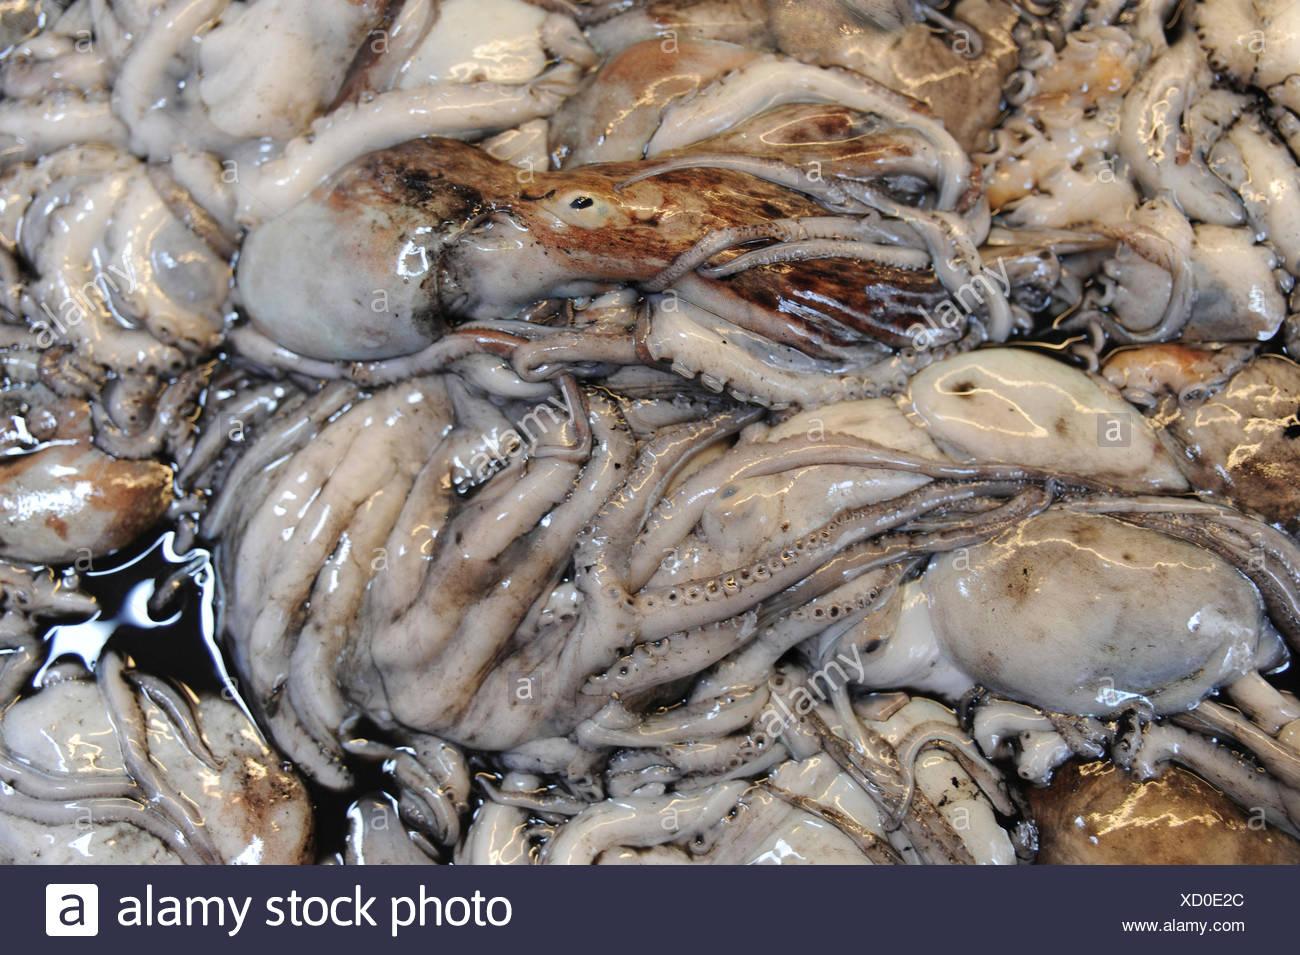 fangfrisch Tintenfischen am Fischmarkt Stockbild